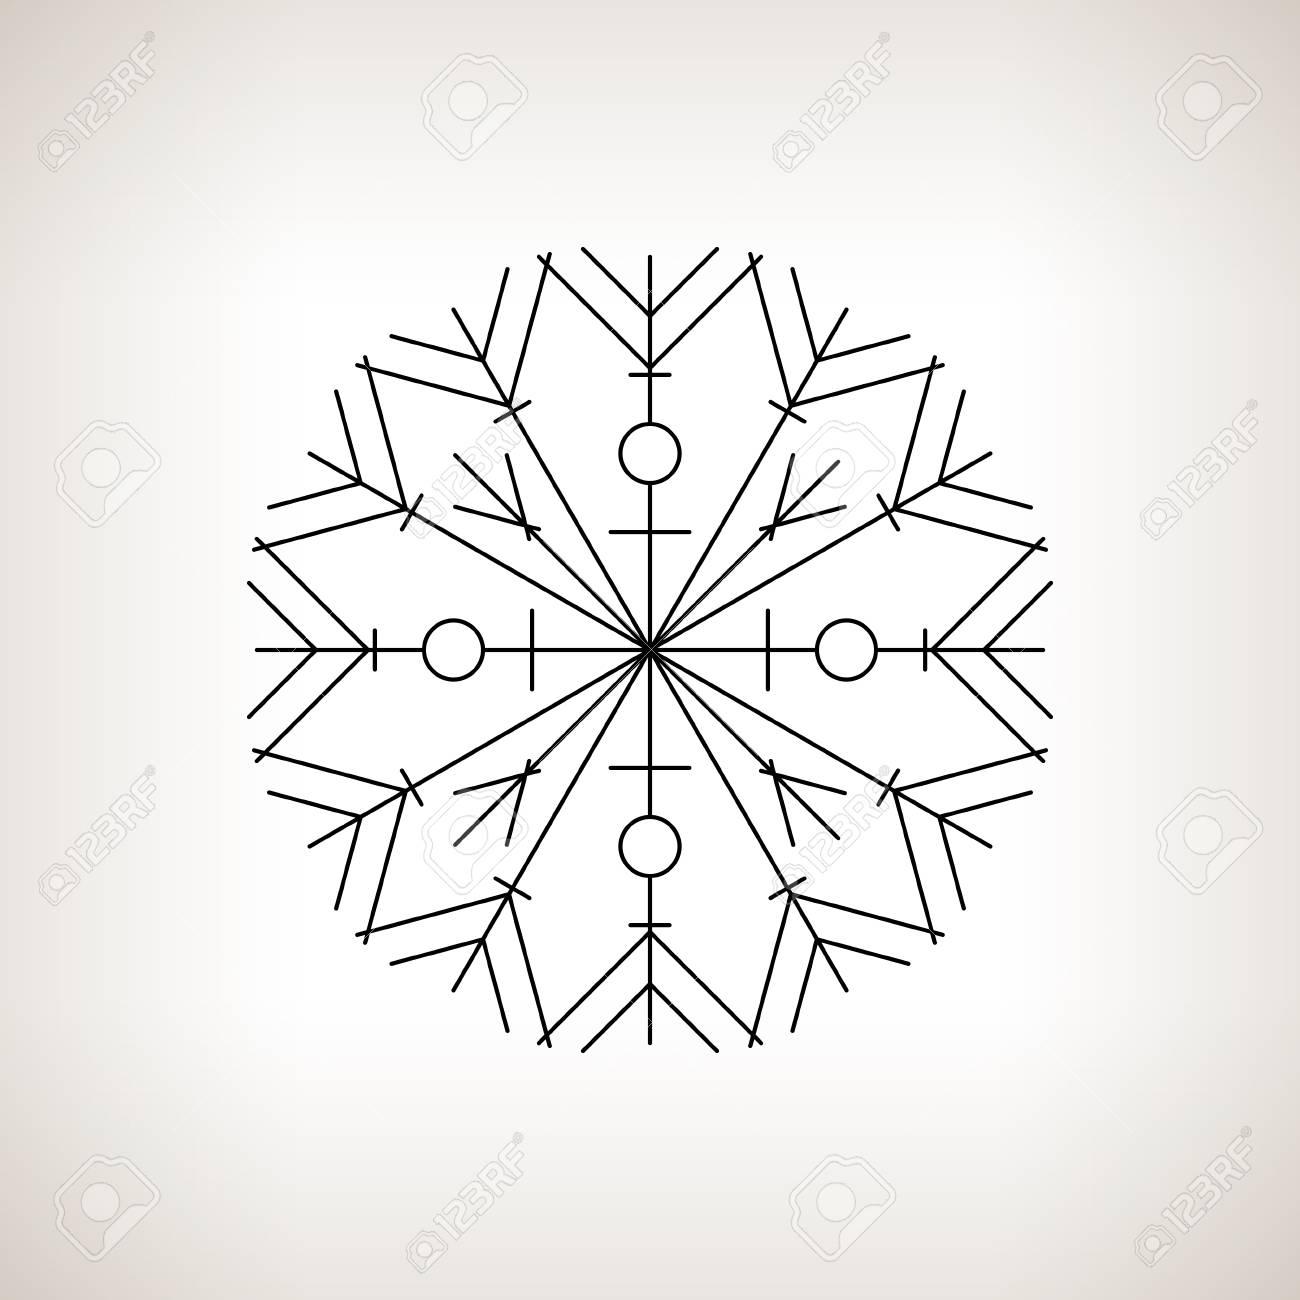 Flocon De Neige Sur Un Fond Clair Joyeux Noel Et Bonne Annee